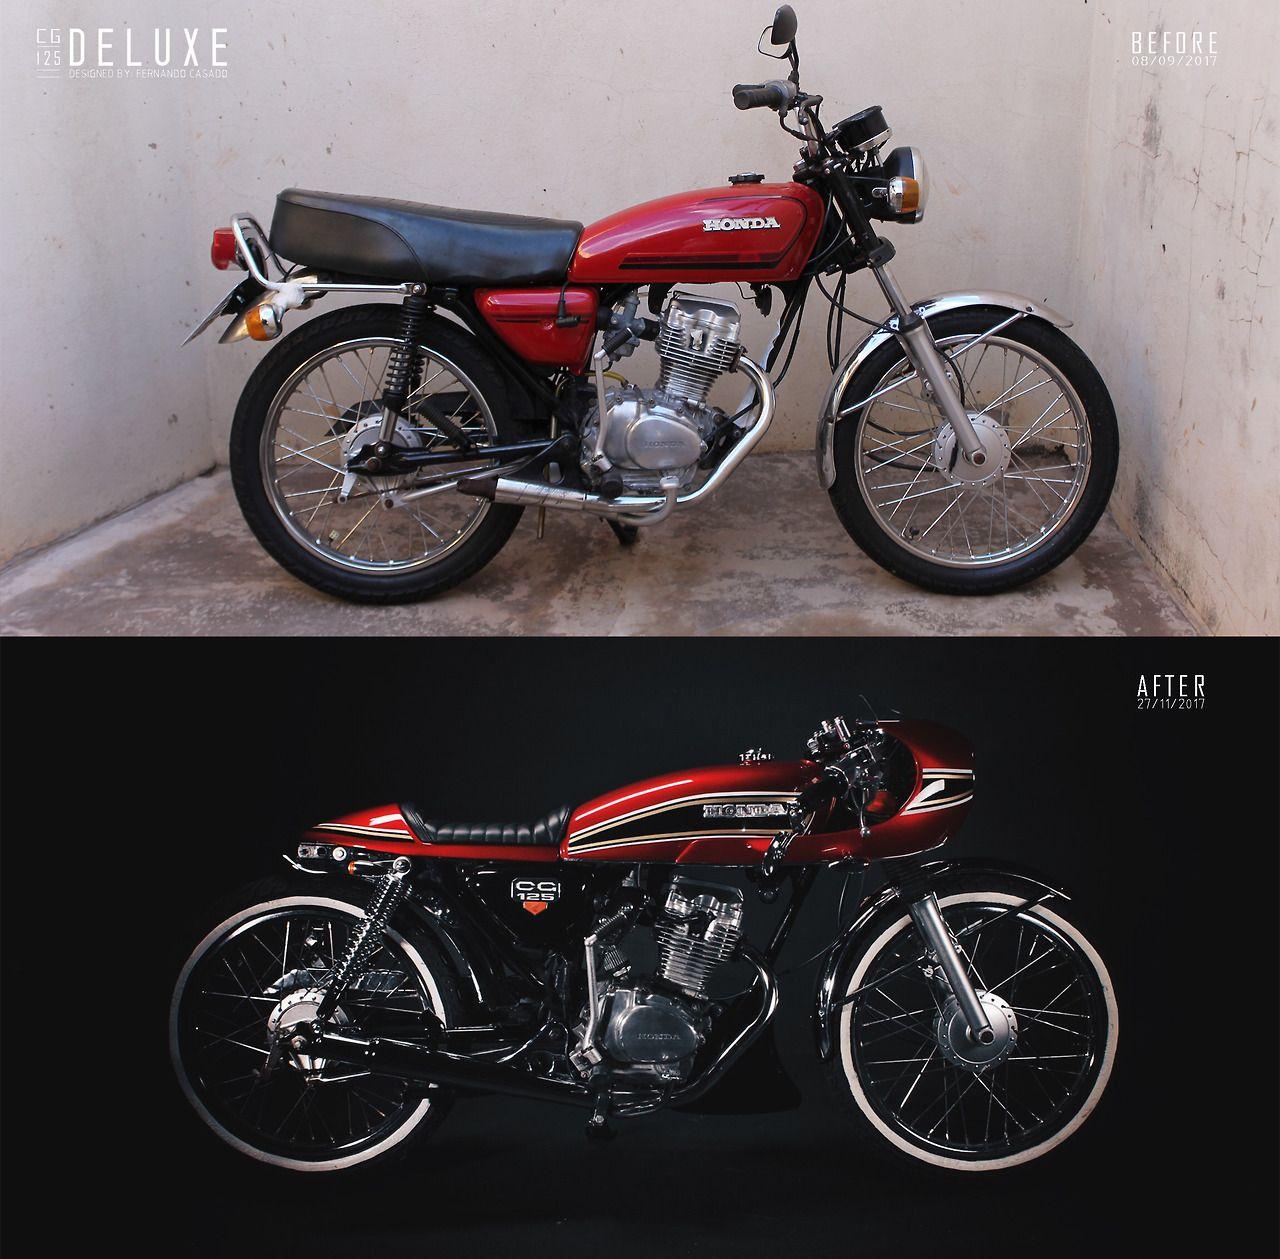 Eitherwayy Honda CG 125